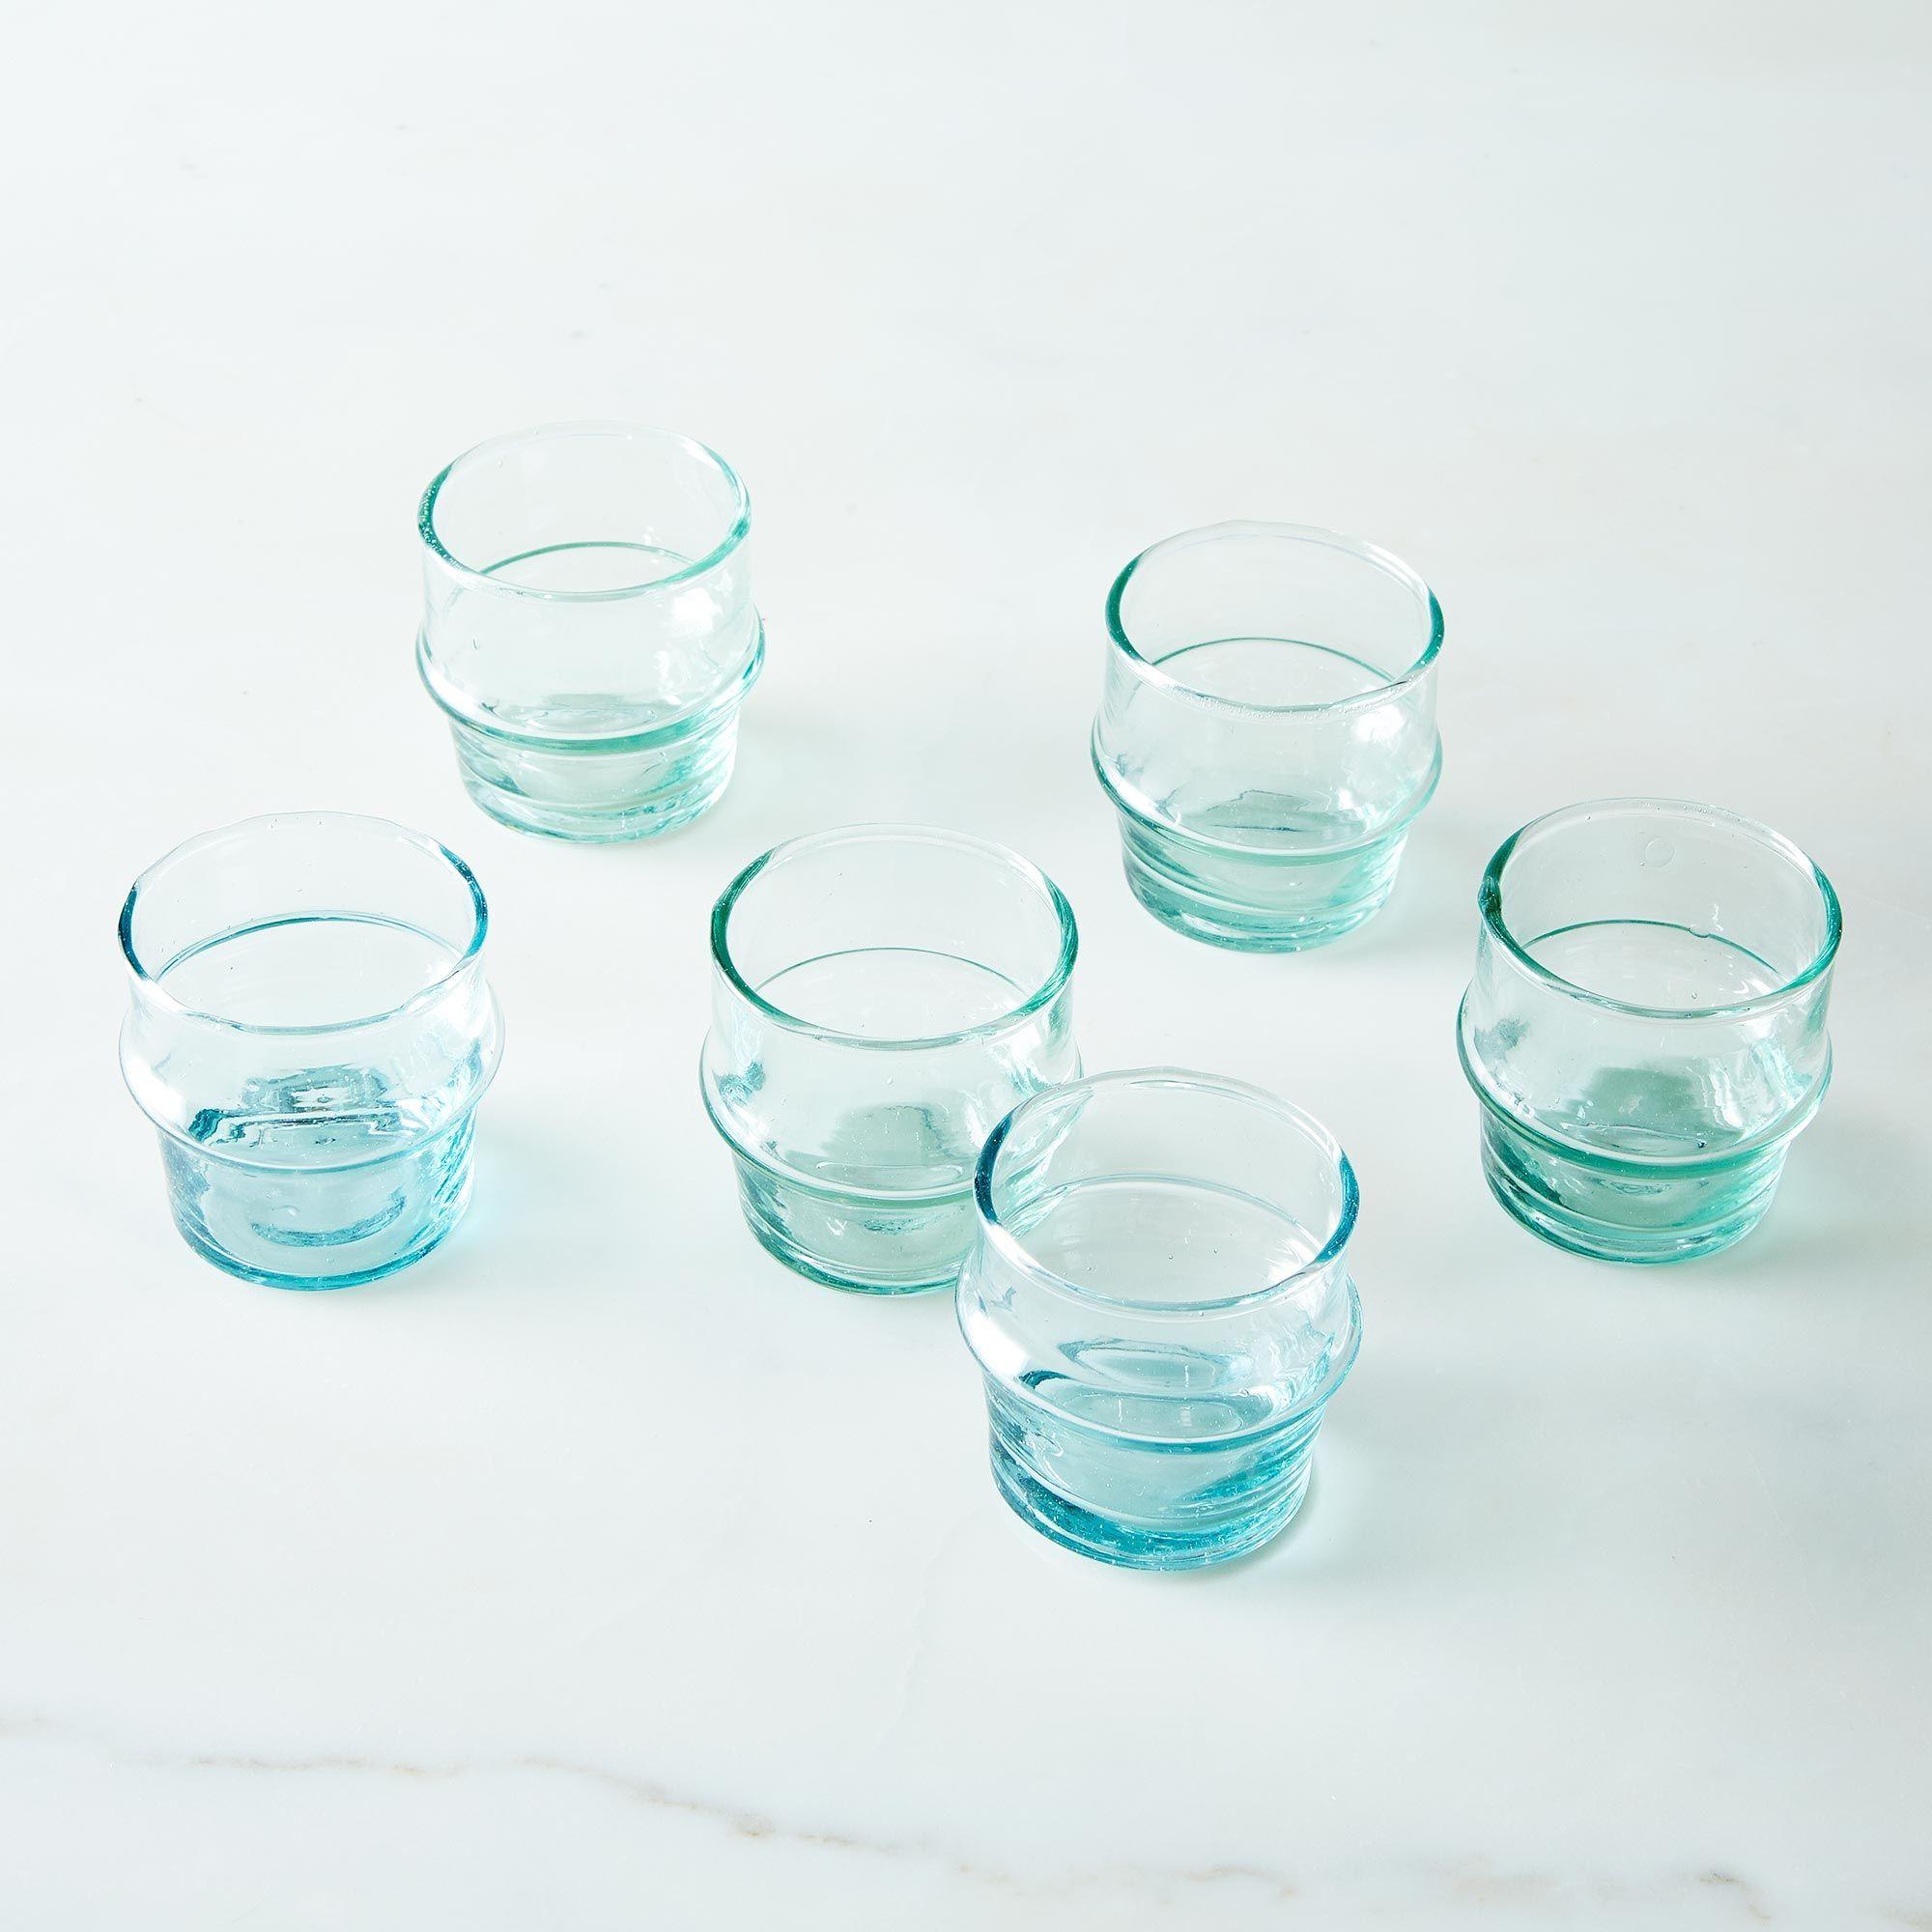 7c106f6a 7fca 4ac6 b7a3 b2d917230528  2014 0716 hawkins ny handblown tasting glasses 10